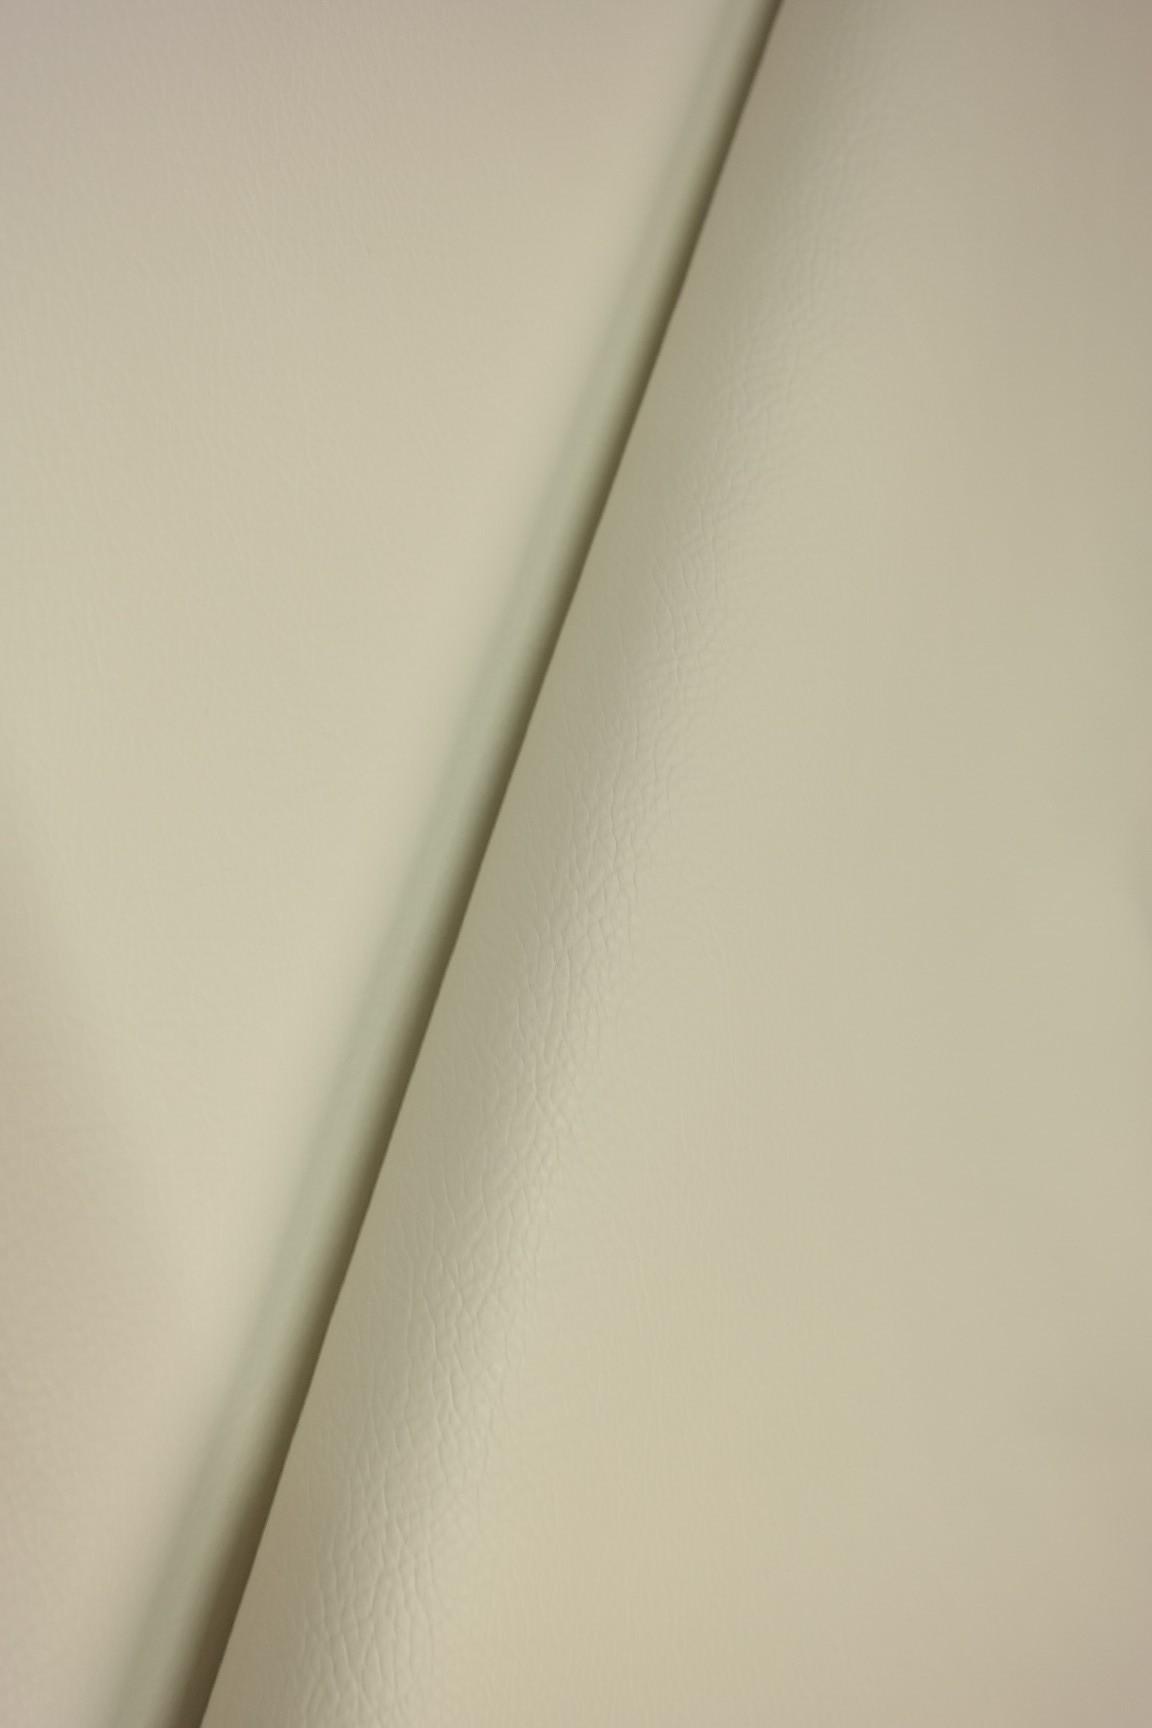 koženka bílá,měkčí -bílý podklad š 145